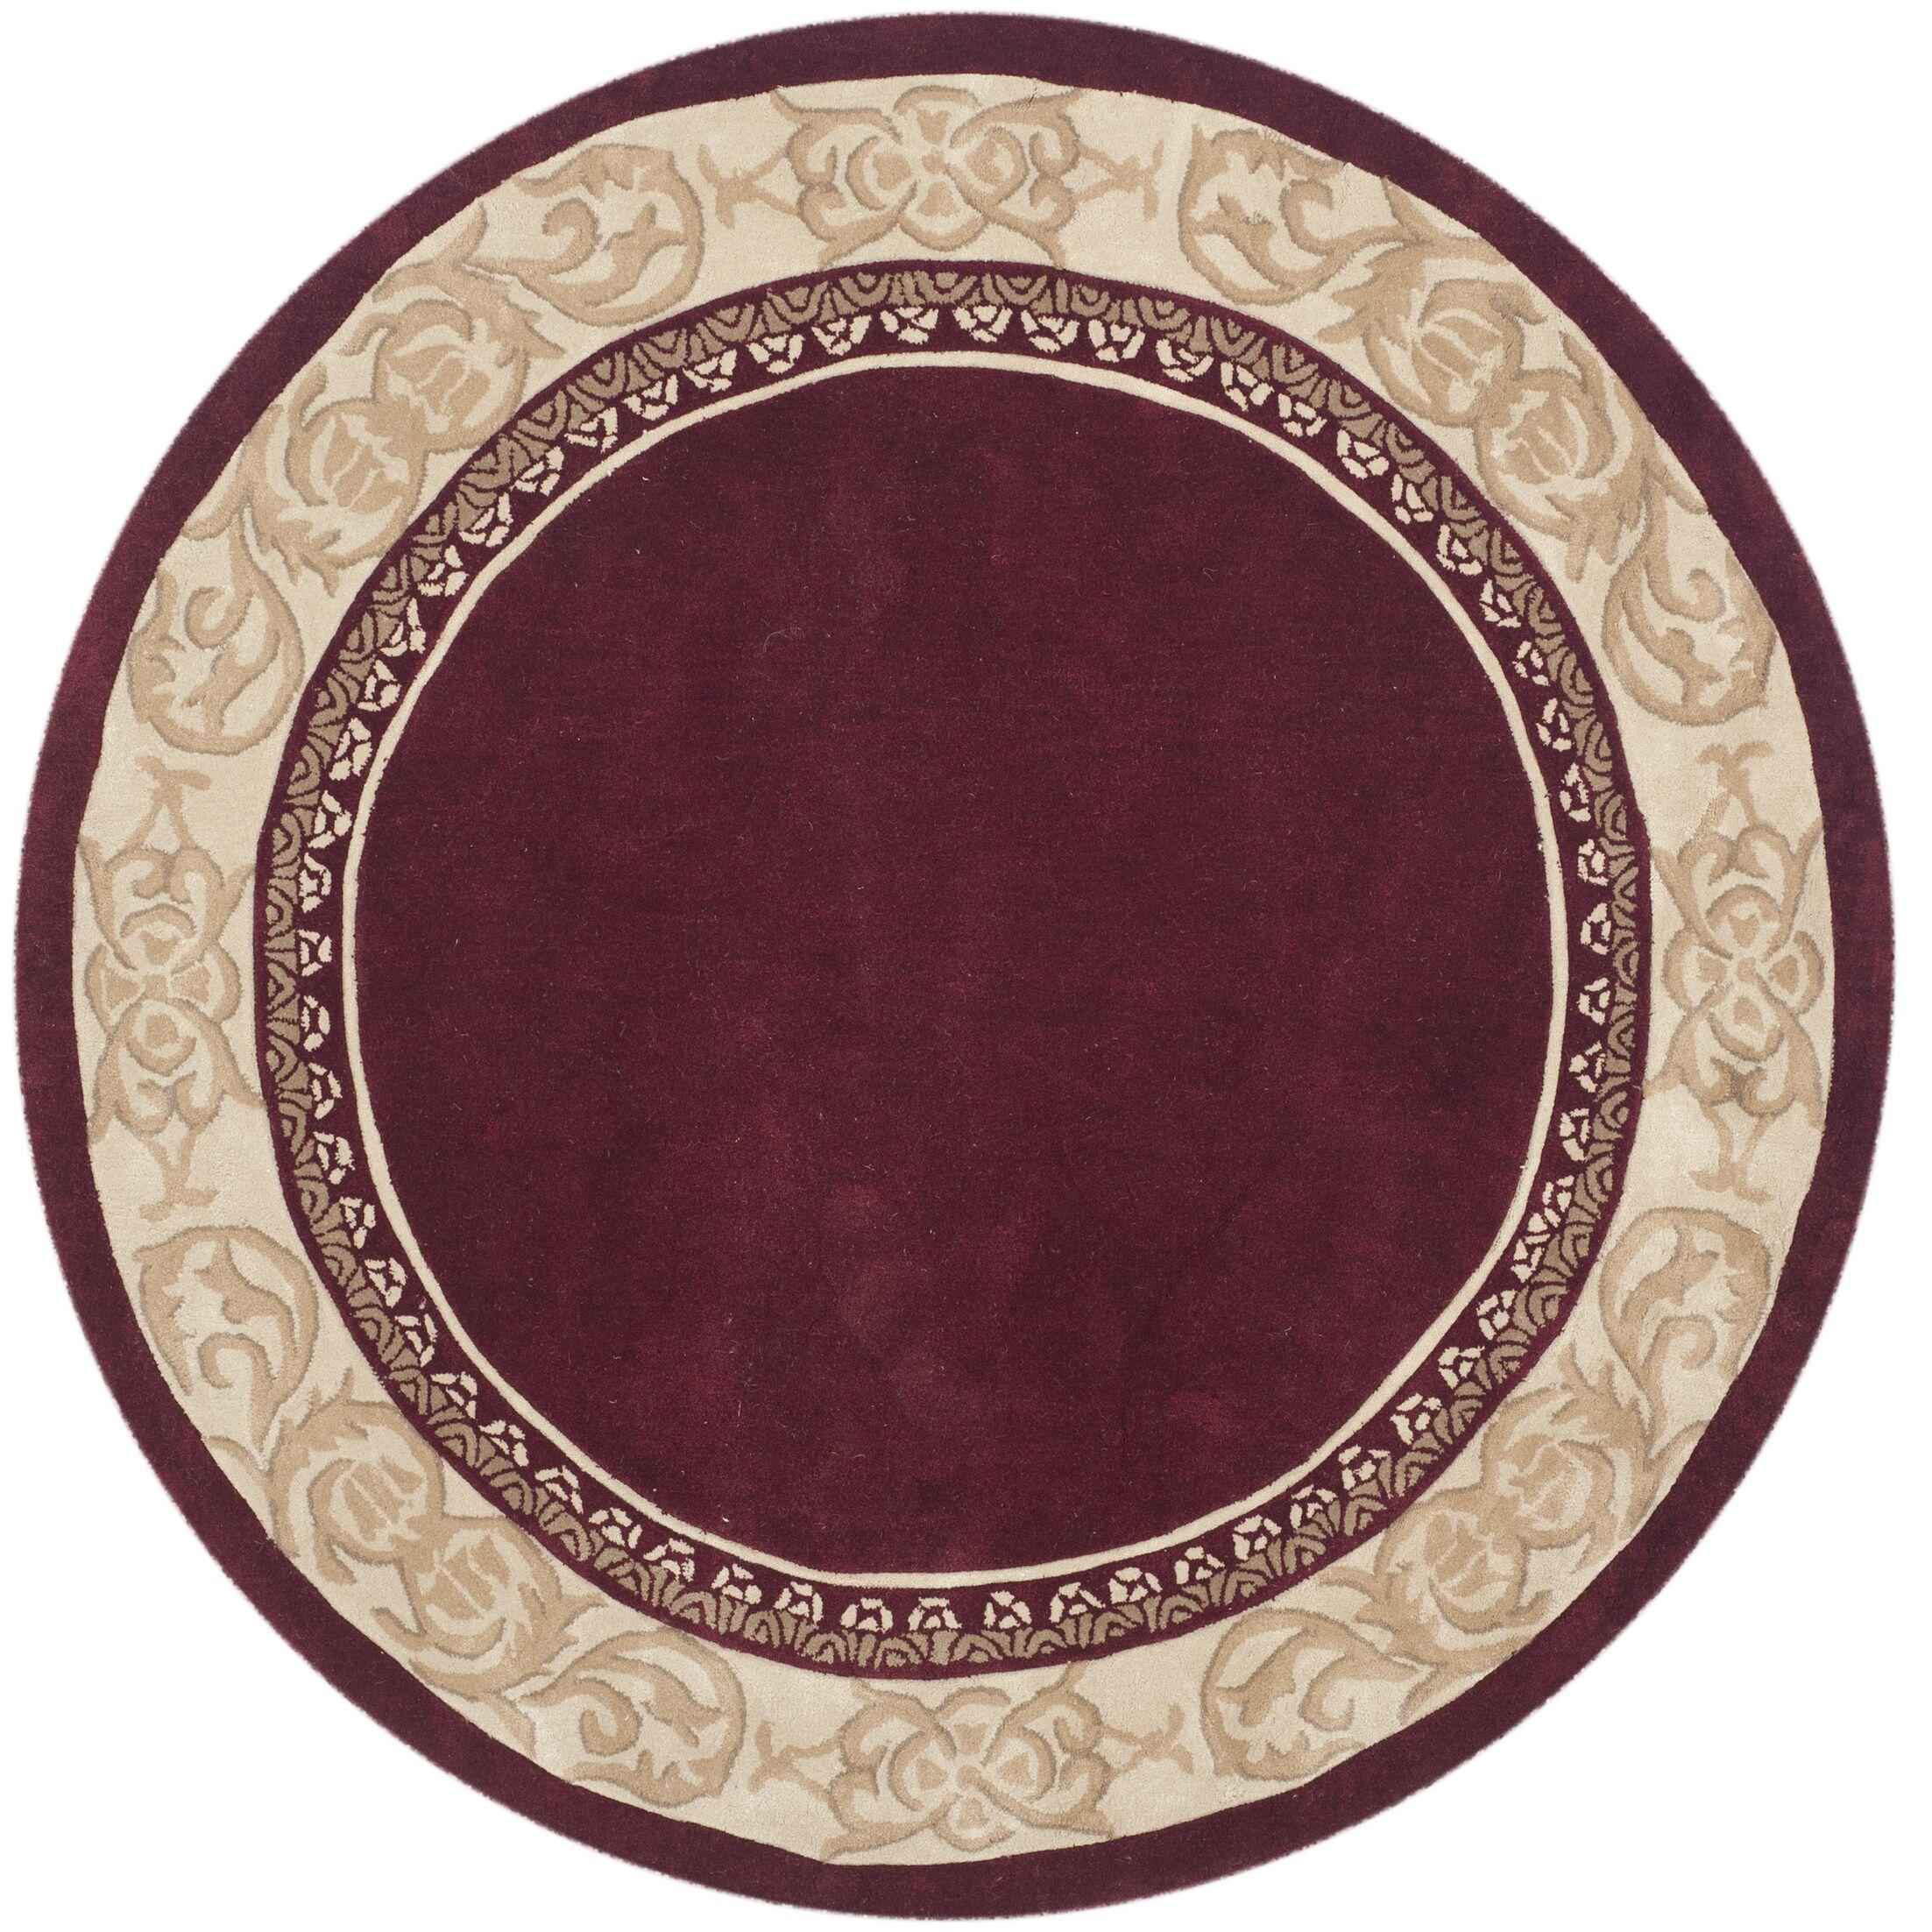 Grange Hand-Hooked Burgundy/Ivory Area Rug Rug Size: Round 6' x 6'